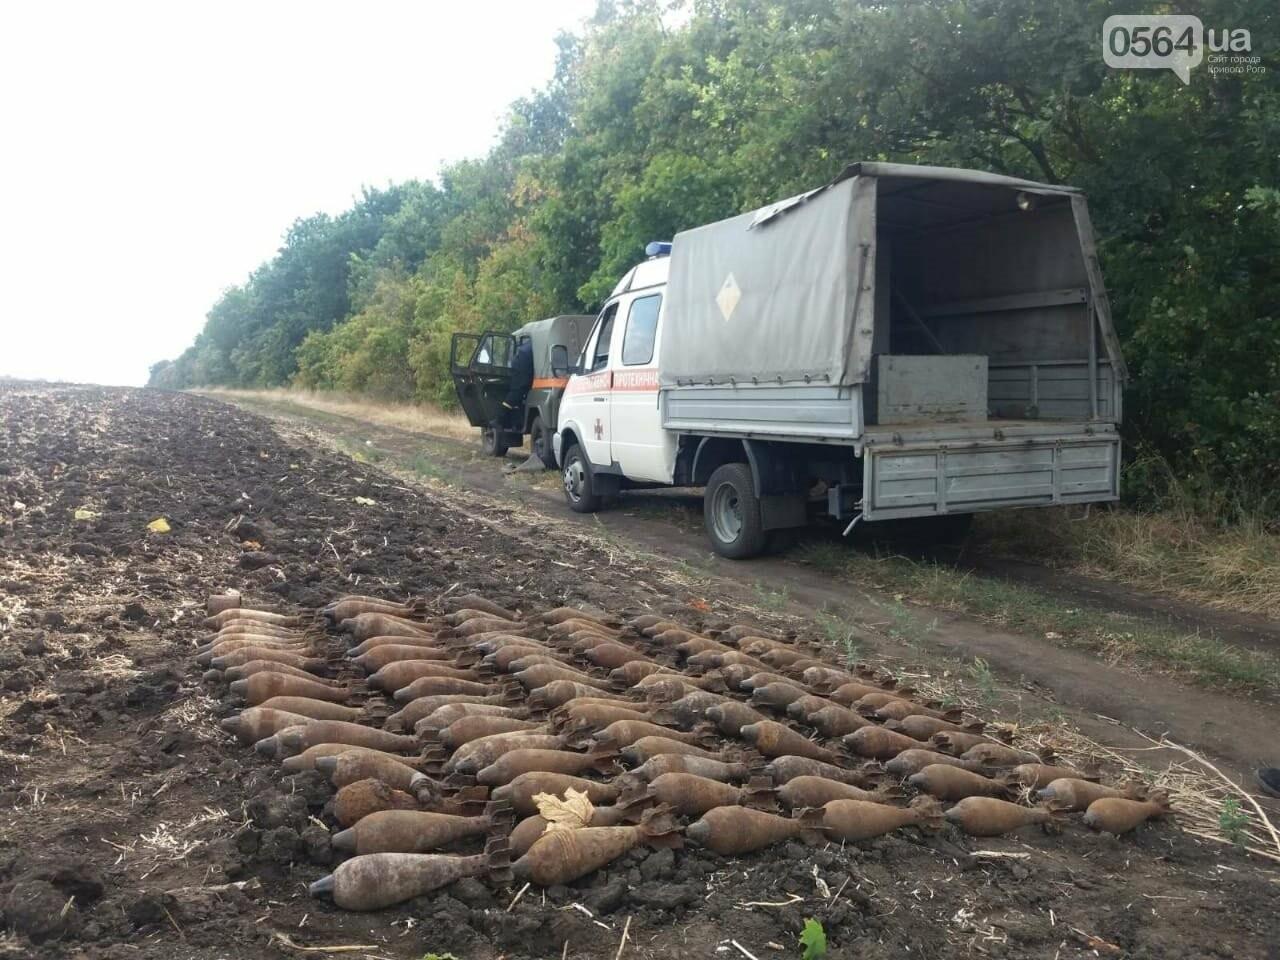 На Днепропетровщине мужчина обнаружил в поле более 100 взрывоопасных предметов, - ФОТО, ВИДЕО, фото-1